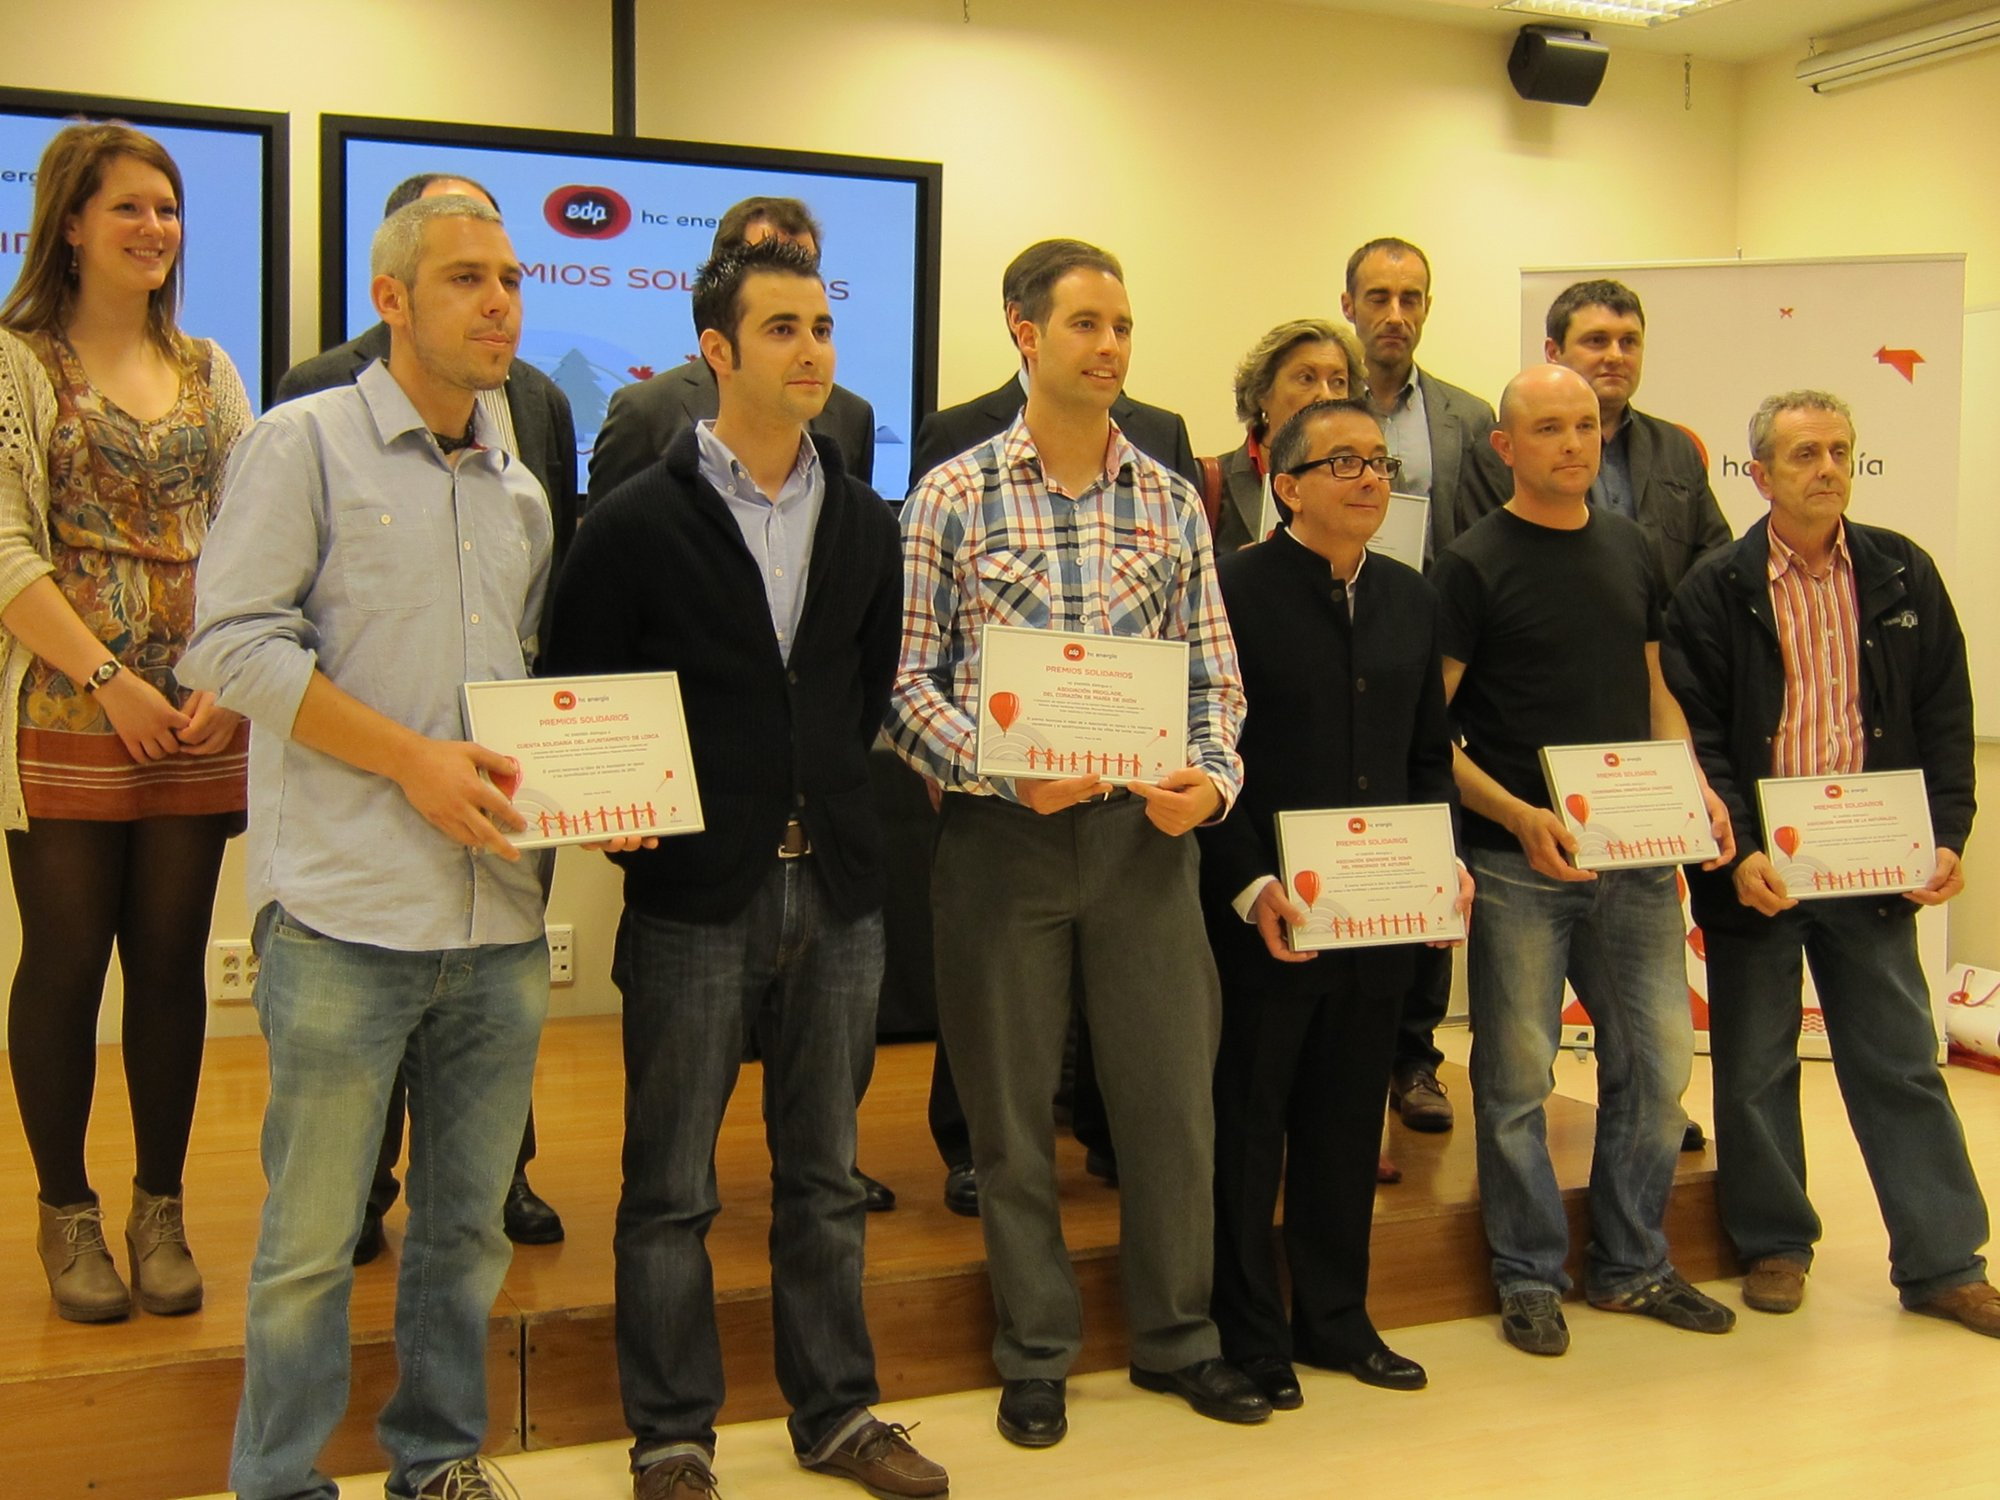 Los trabajadores de HC donan sus premios por iniciativas de mejora a seis ONGs